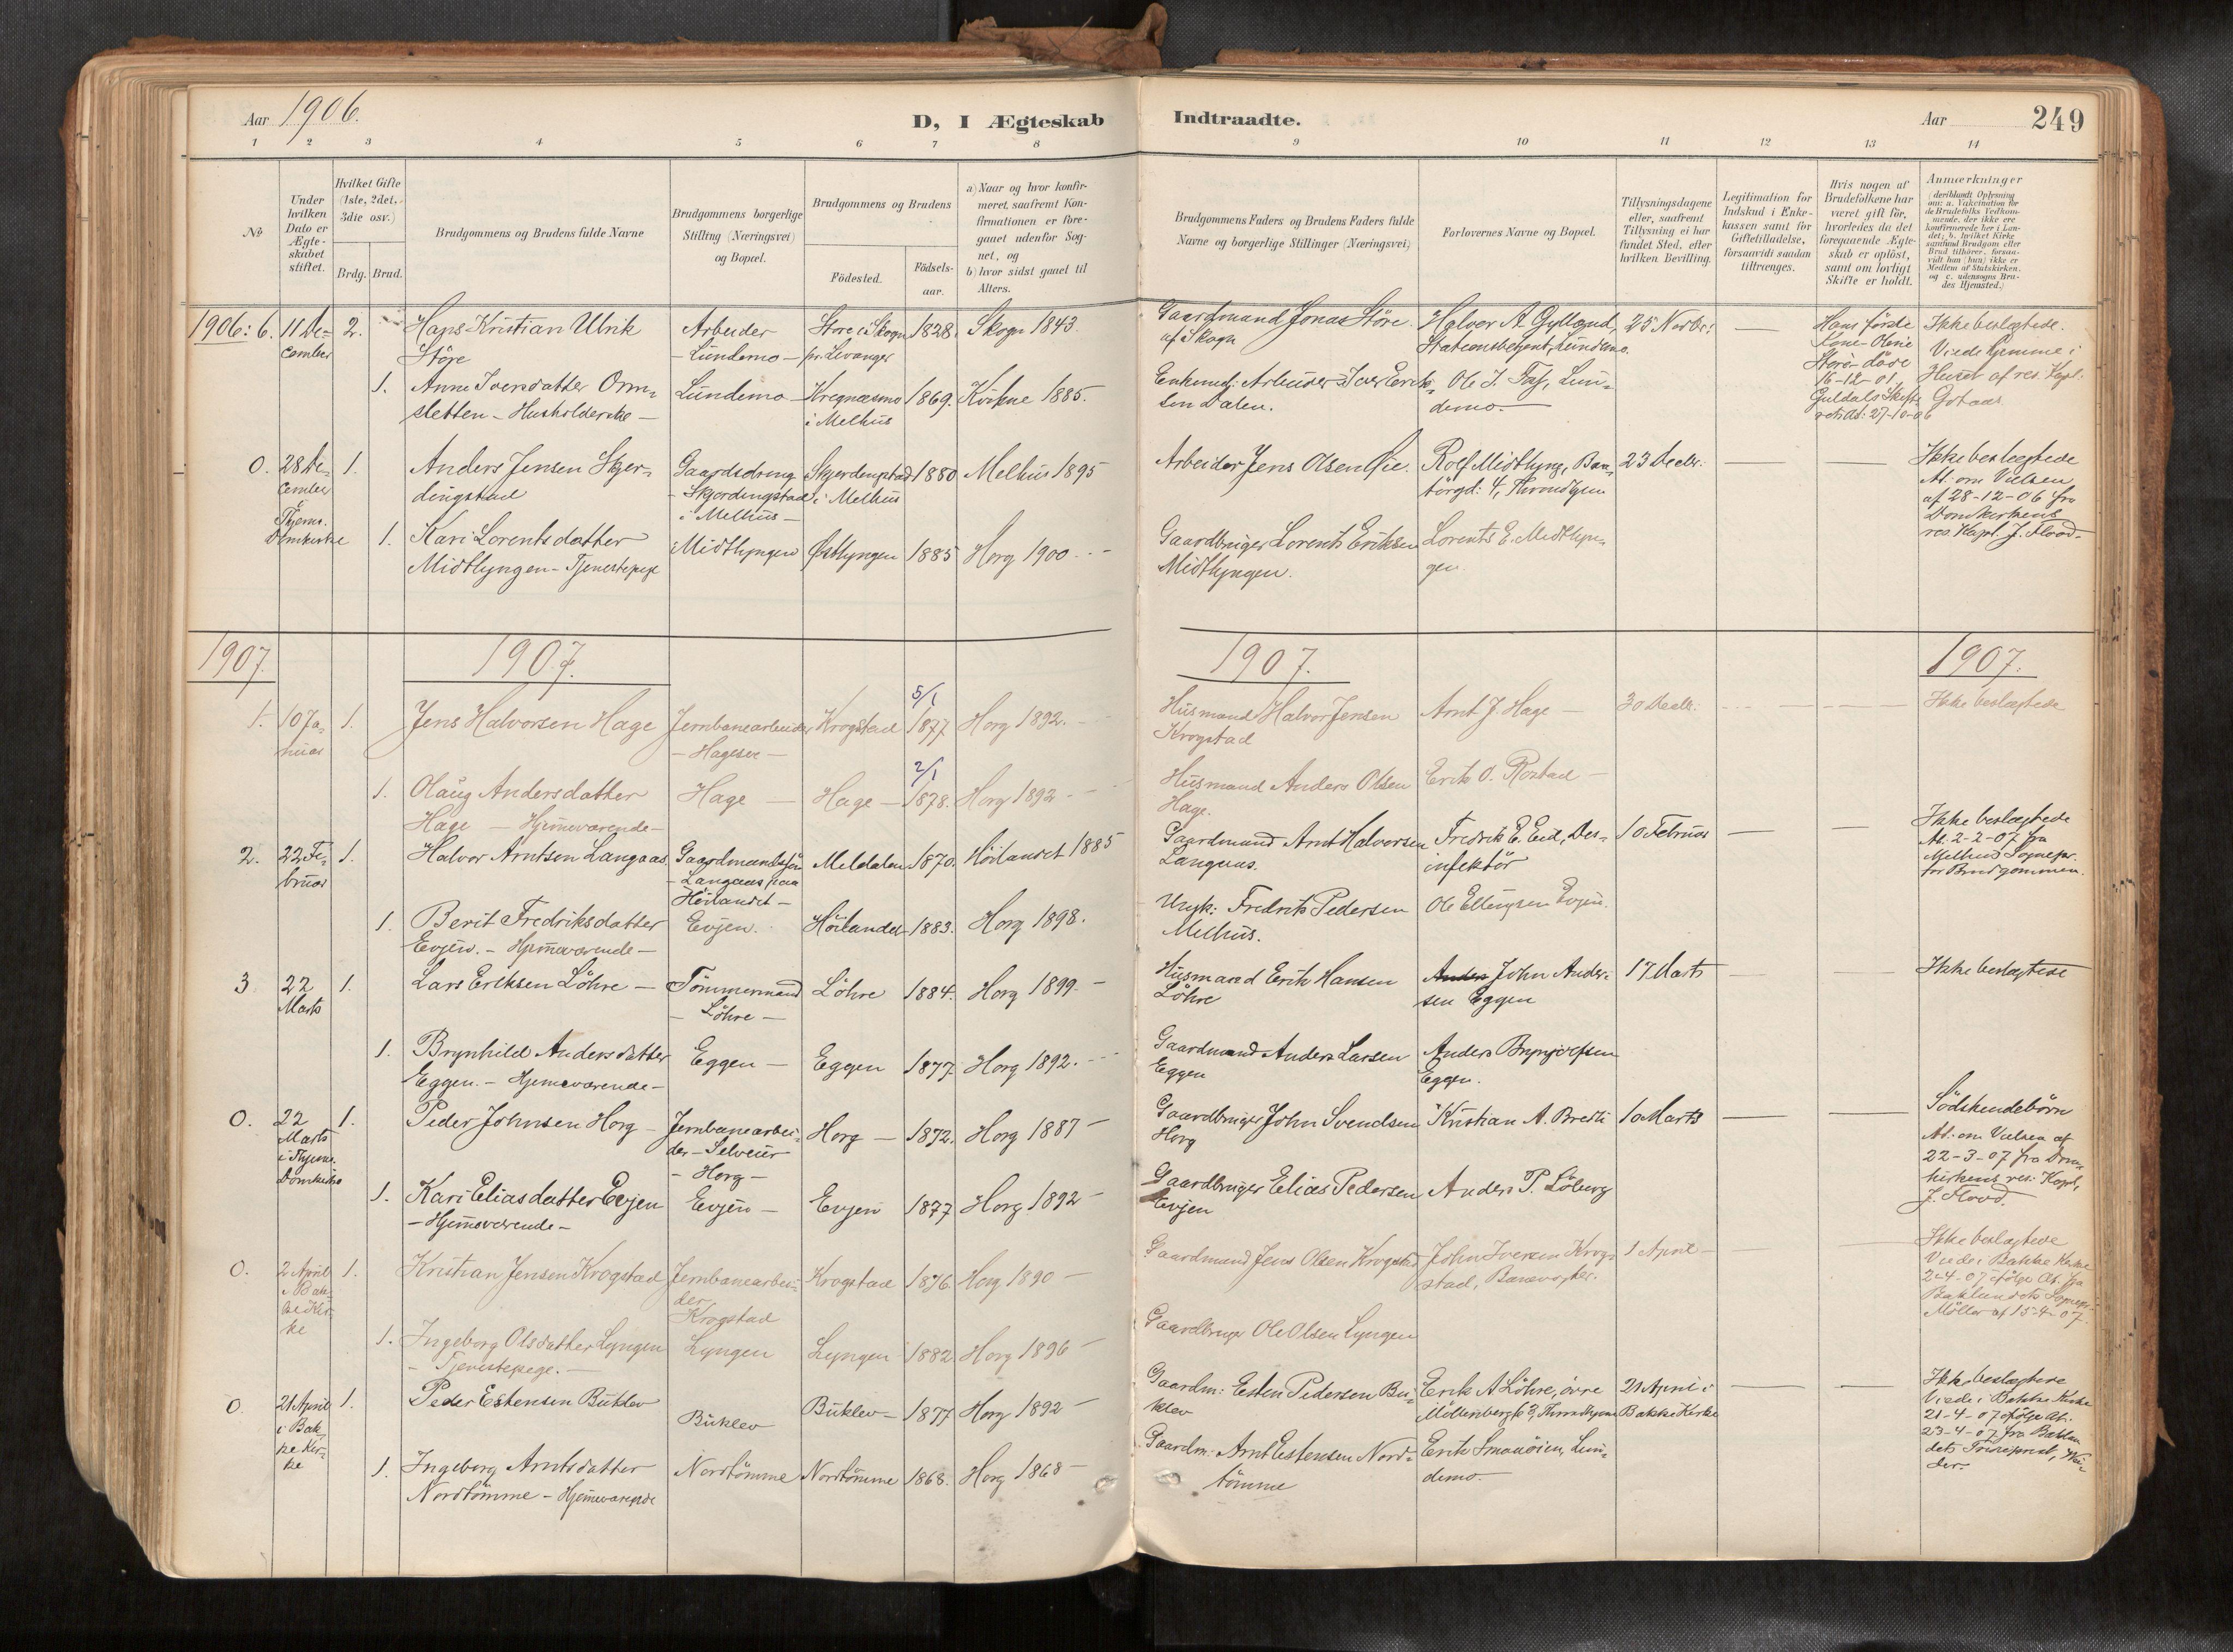 SAT, Ministerialprotokoller, klokkerbøker og fødselsregistre - Sør-Trøndelag, 692/L1105b: Ministerialbok nr. 692A06, 1891-1934, s. 249